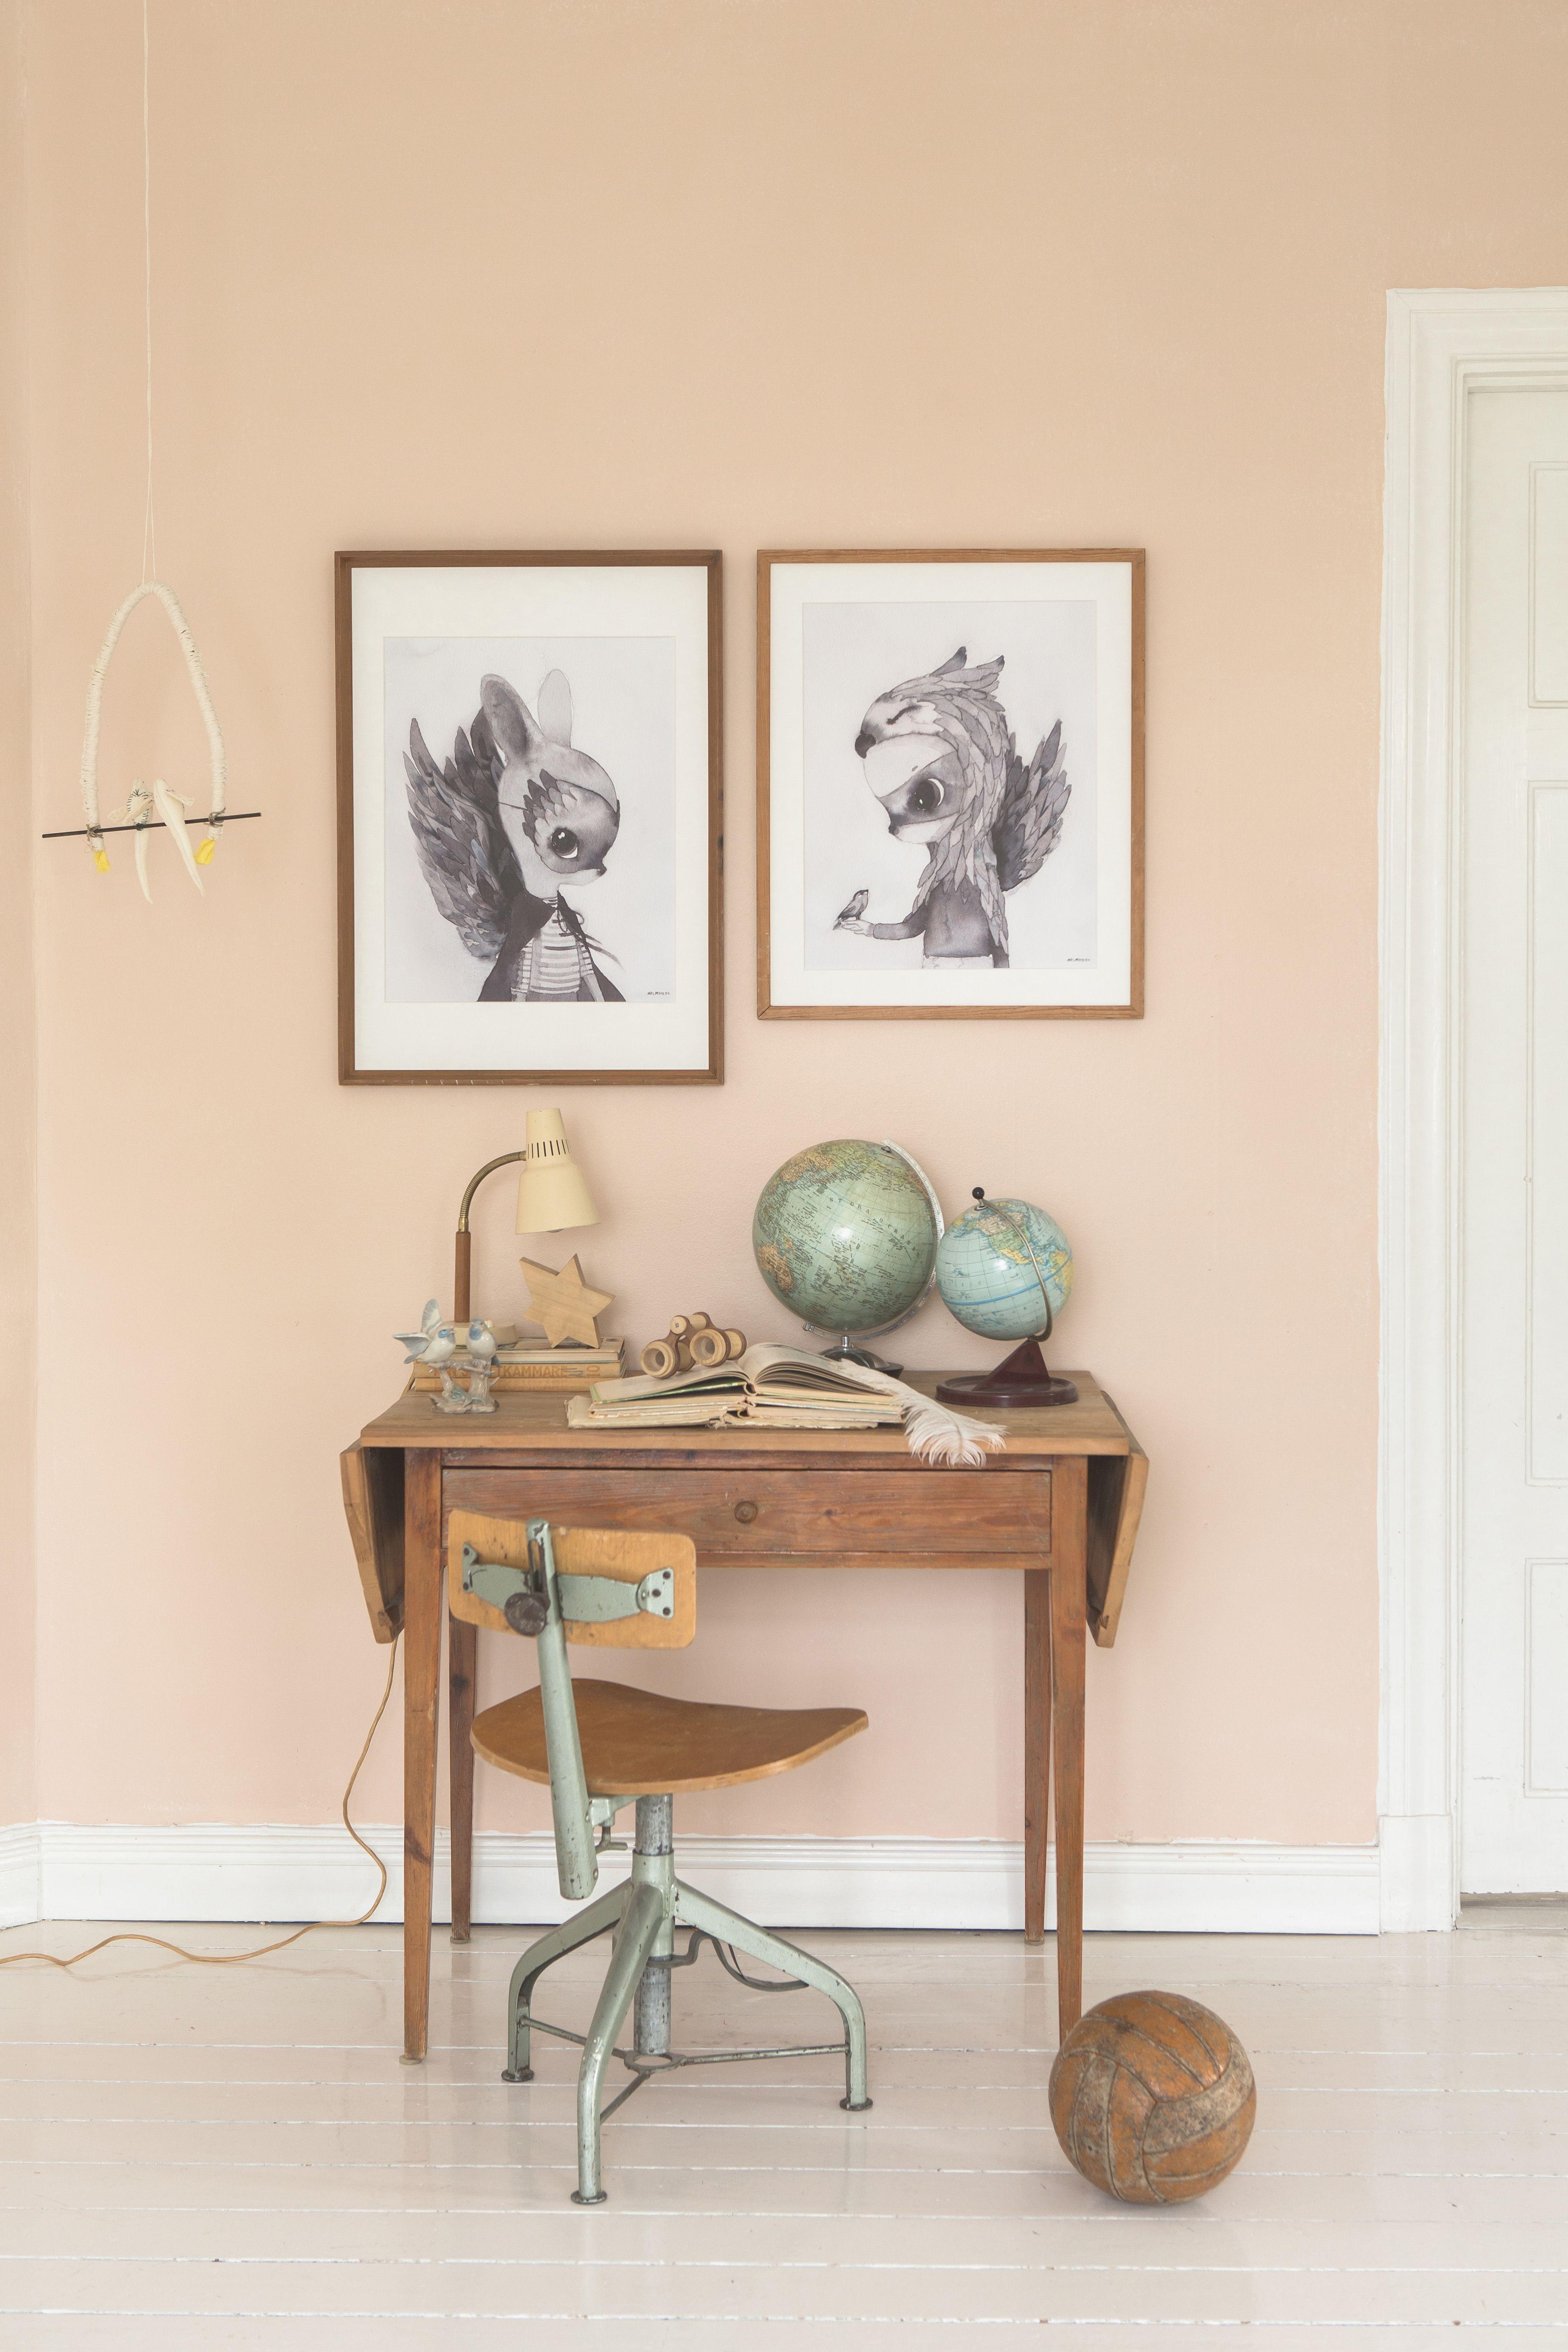 mrs mighetto oscar valter kinderreich kinderzimmer m bel m bel und kinderzimmer. Black Bedroom Furniture Sets. Home Design Ideas